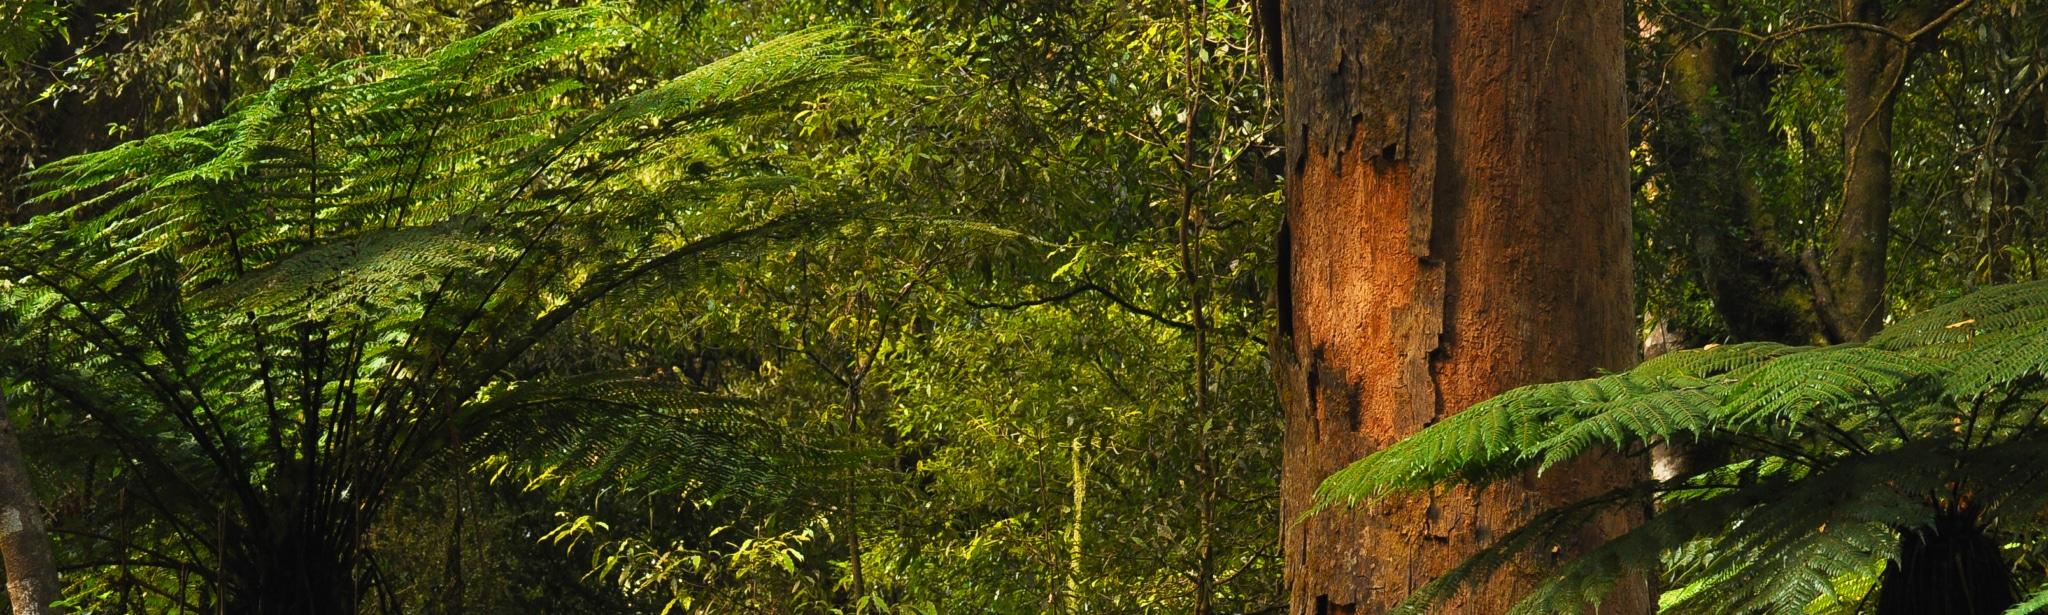 Neuseeland Dschungel mit Kauri Baum